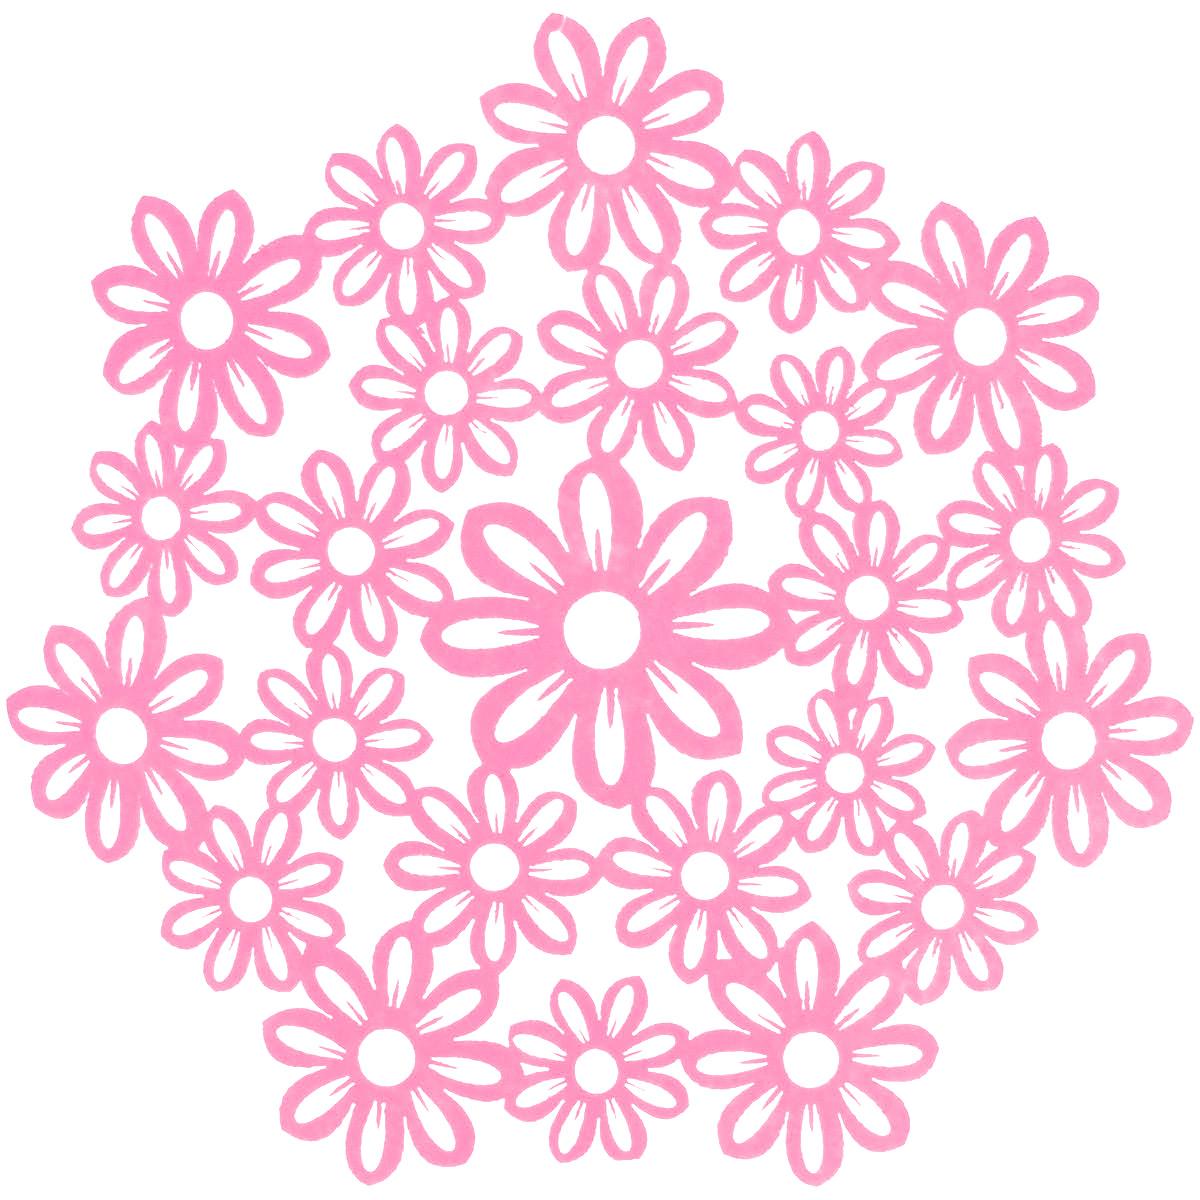 Салфетка Home Queen Незабудки, цвет: розовый, диаметр 28 смVT-1520(SR)Круглая салфетка Home Queen Незабудки выполнена из фетра и оснащена красивой перфорацией в виде цветов. Вы можете использовать салфетку для декорирования стола, комода, журнального столика. В любом случае она добавит в ваш дом стиля, изысканности и неповторимости и убережет мебель от царапин и потертостей. Диаметр салфетки: 28 см.